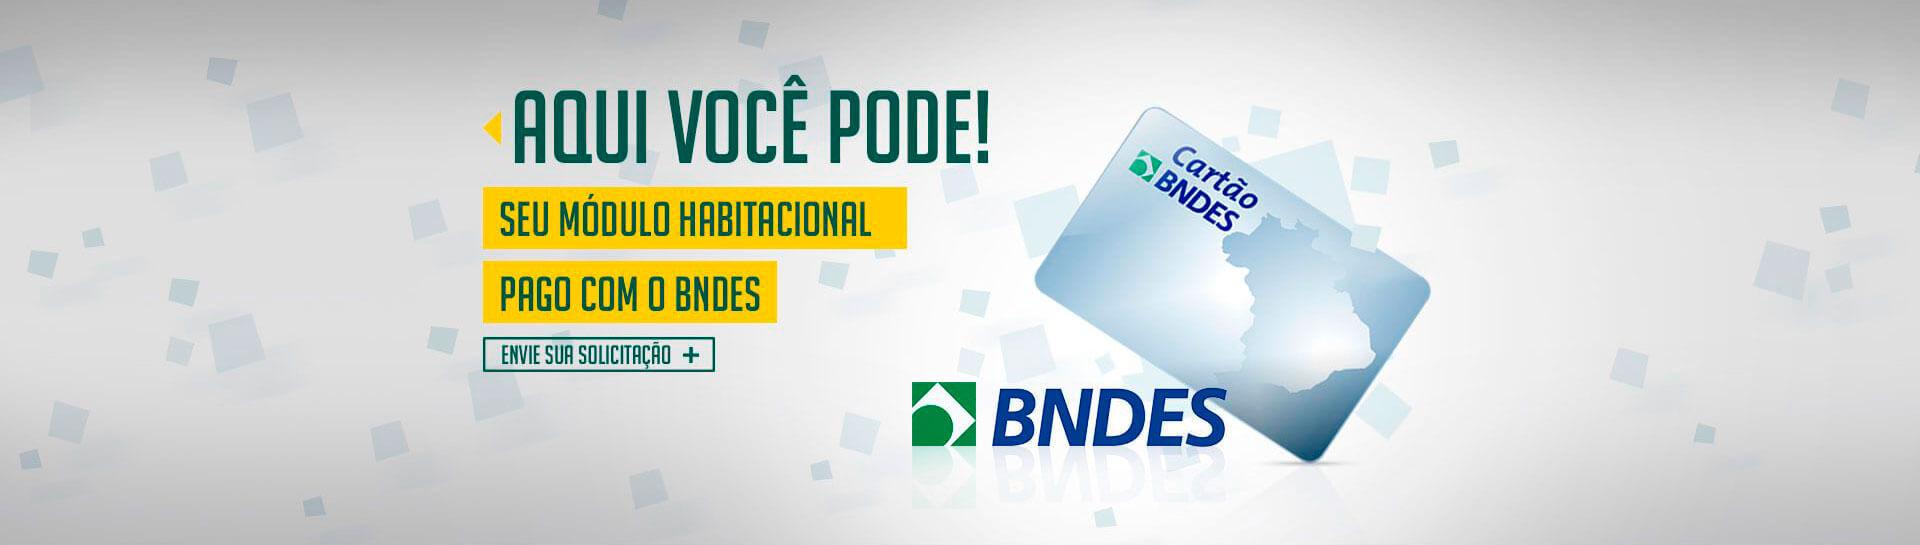 Pague com BNDS